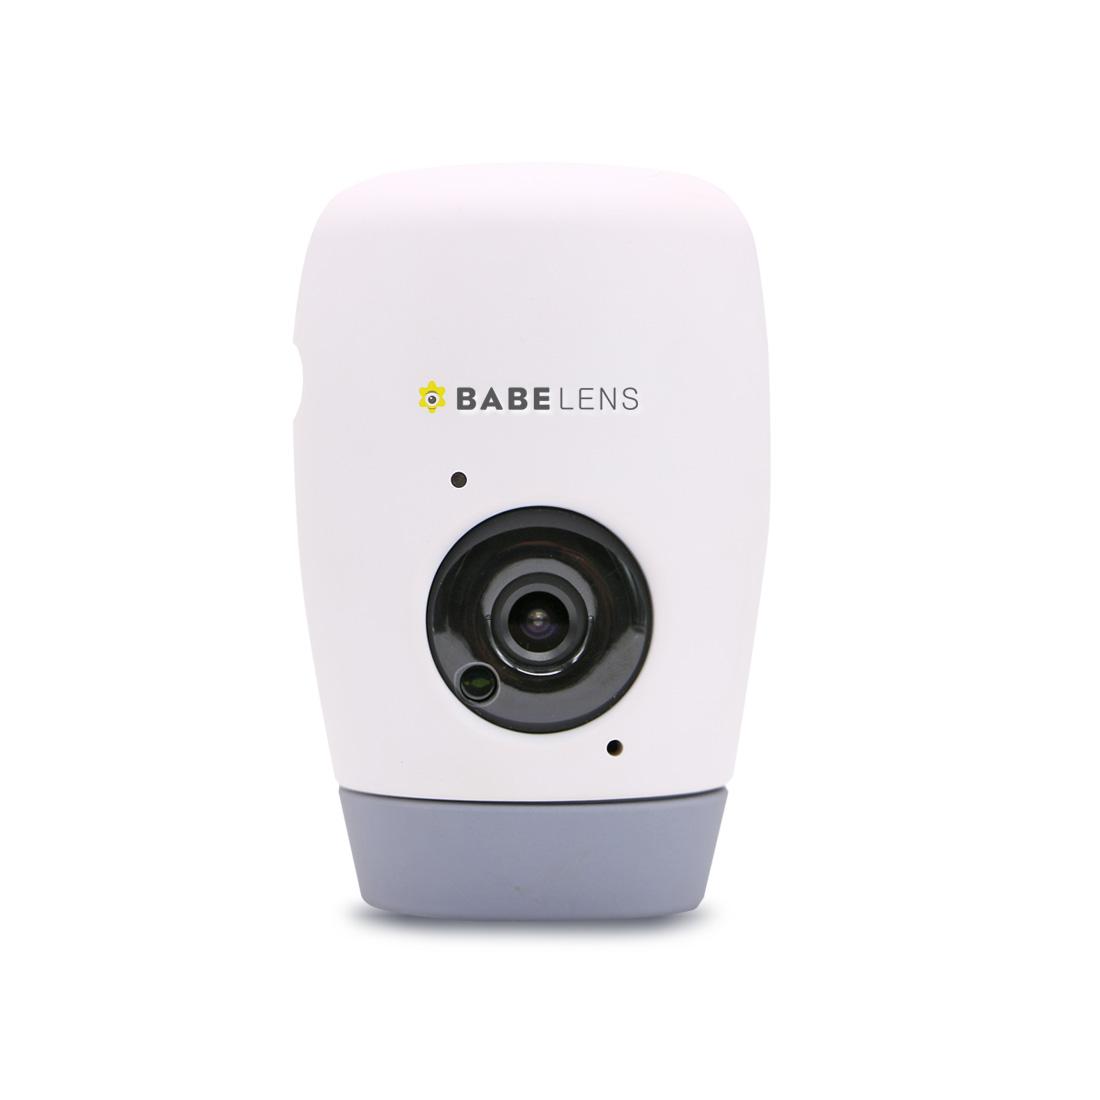 Babelens indoor security camera